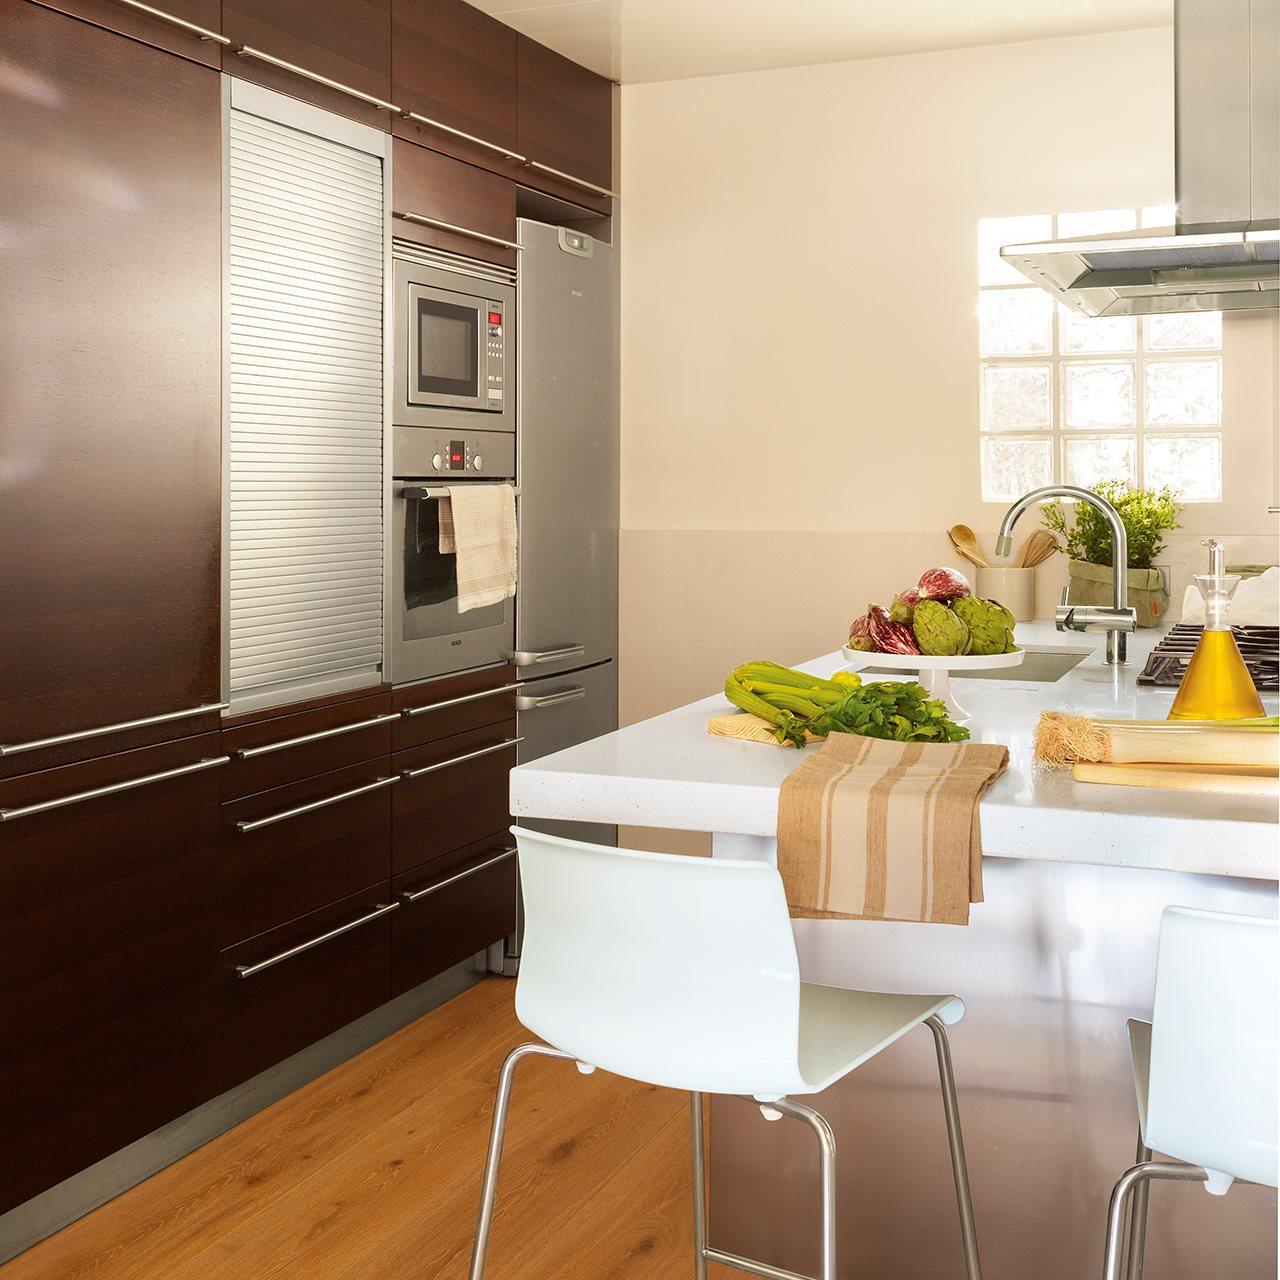 Cocina con muebles en wengué. Cocina con isla y muebles de madera color wengué